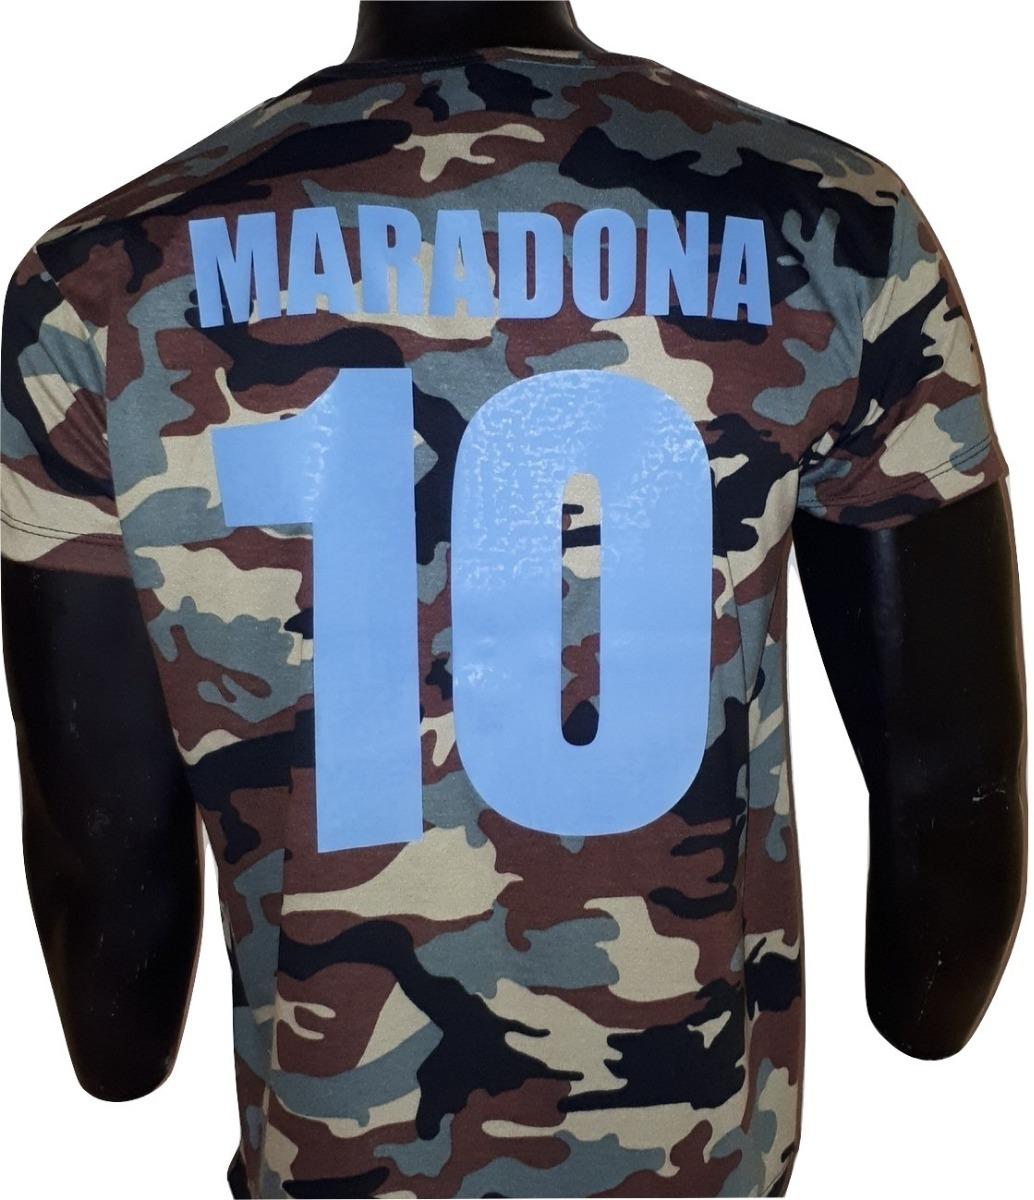 8295b1013971b remera camuflada napoli maradona 10 exclusiva envío gratis!! Cargando zoom.